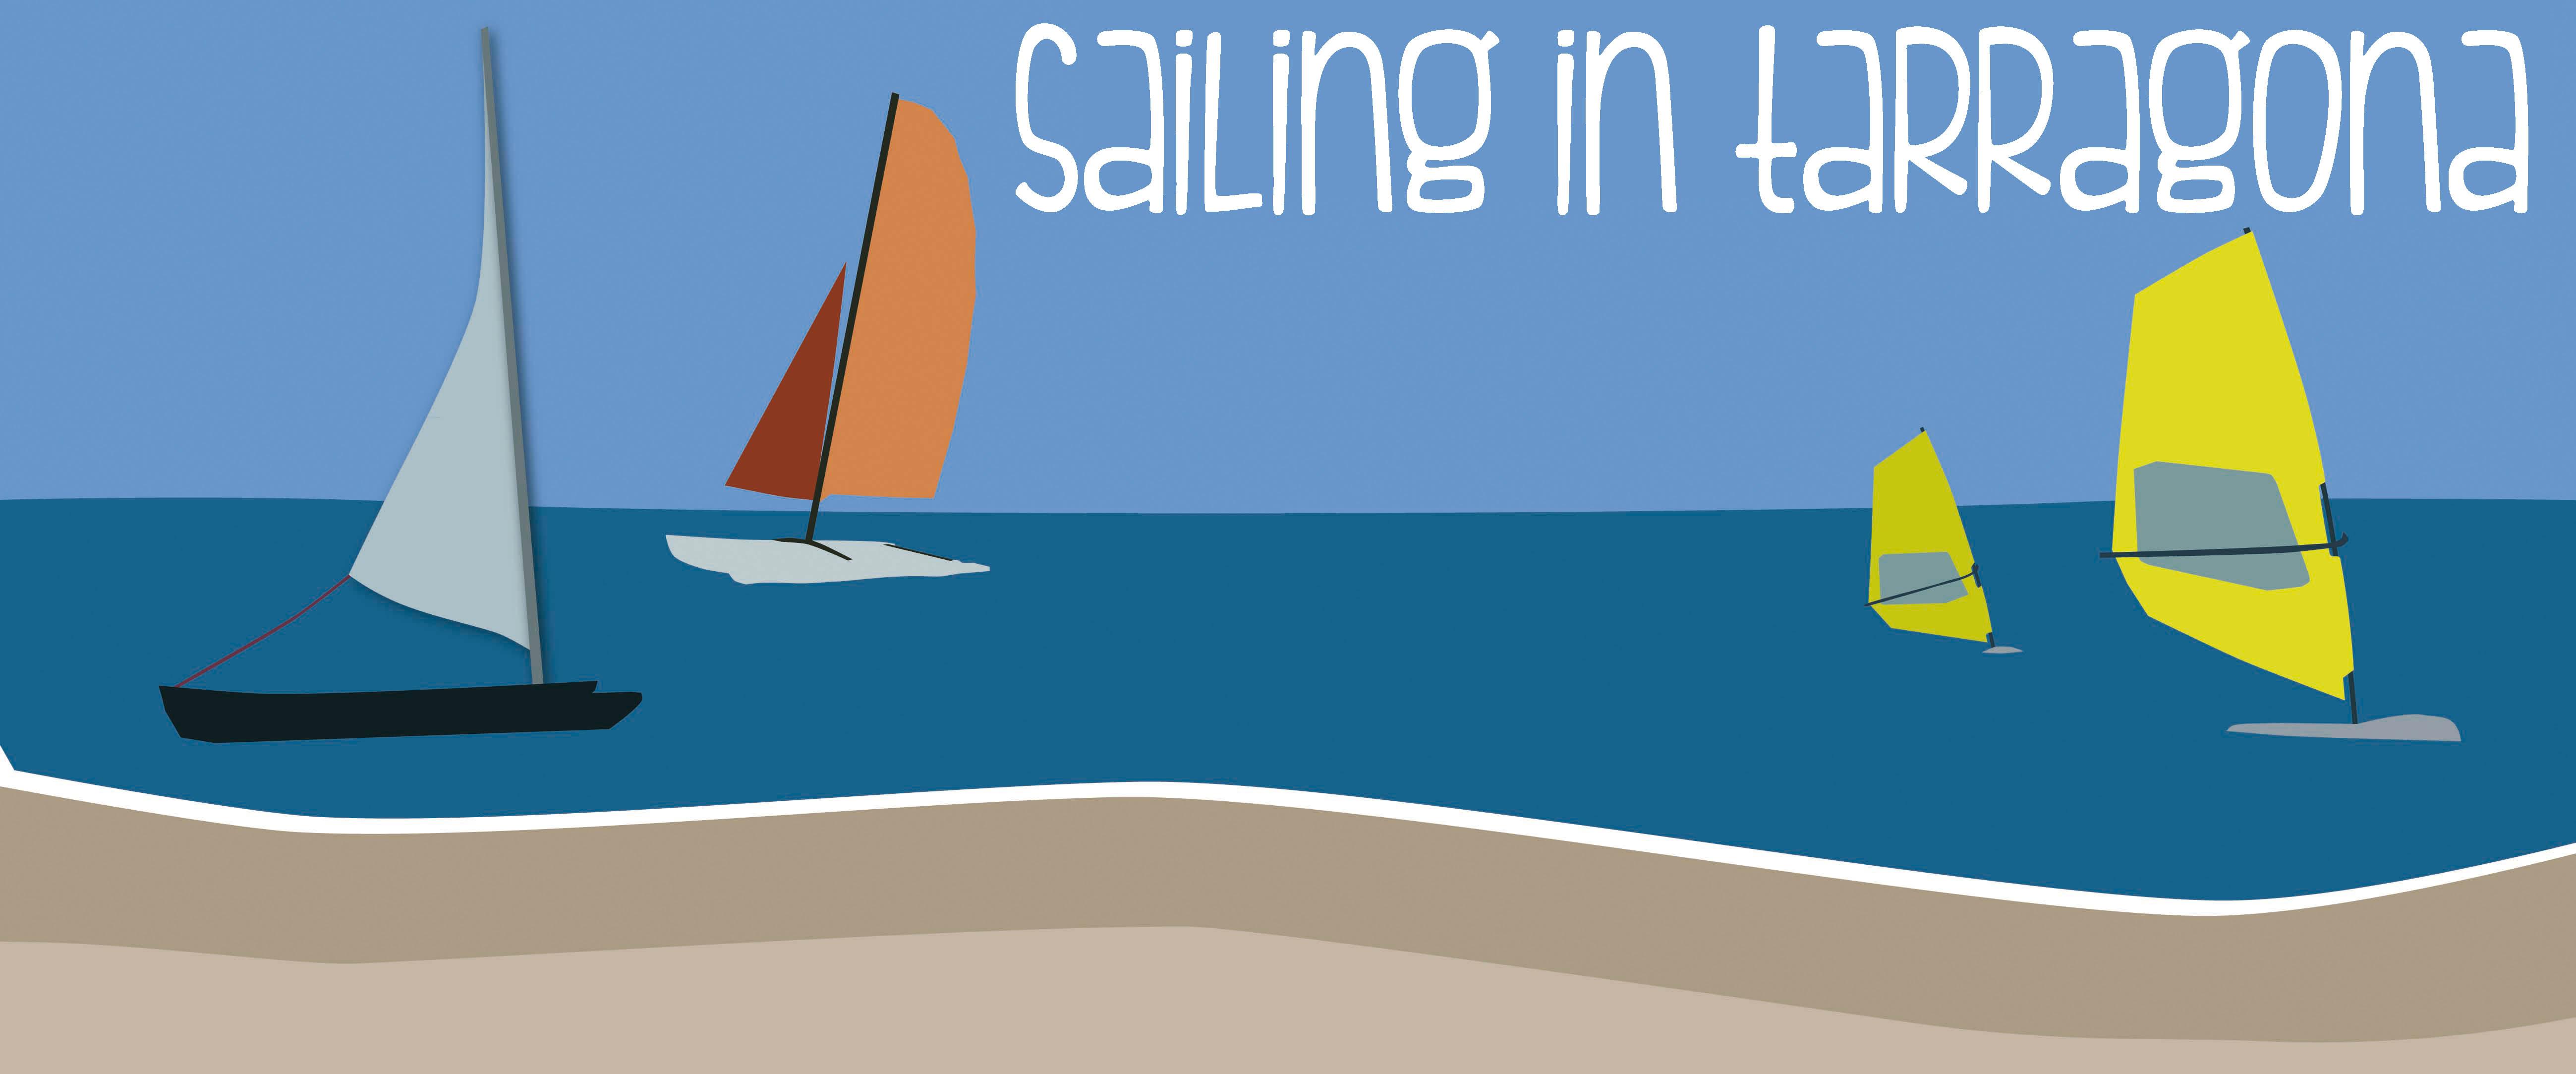 tarragona sailing